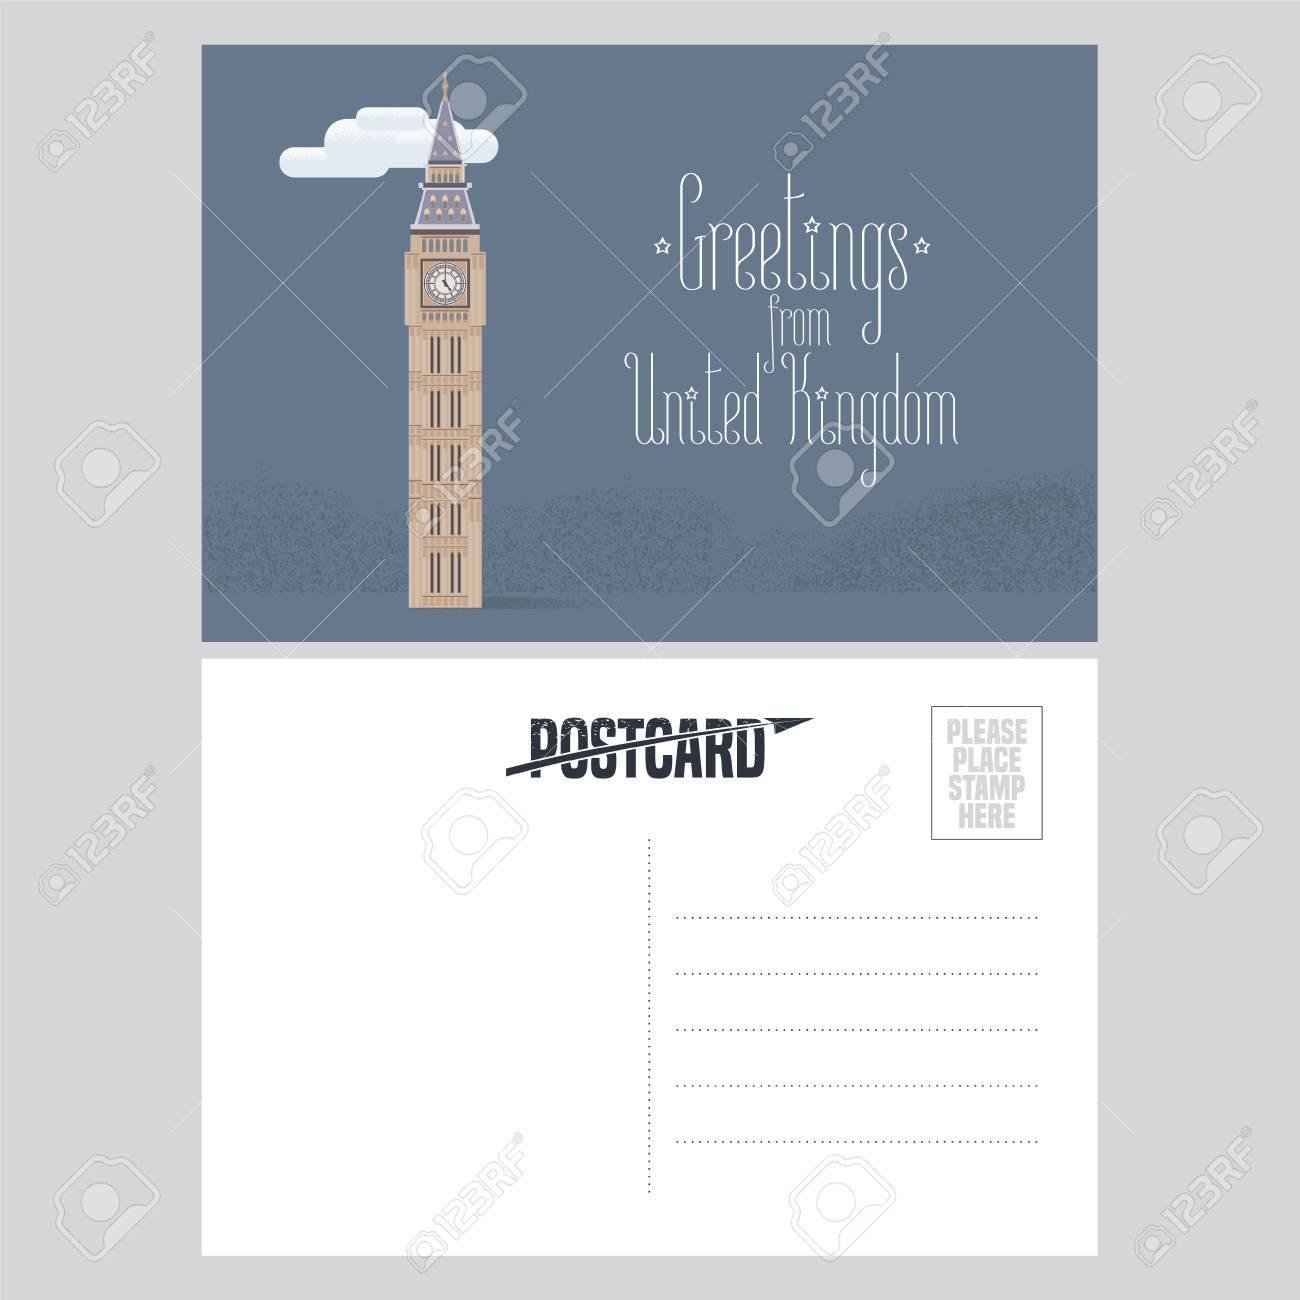 Charmant Moo Postkarte Vorlage Ideen - Beispiel Anschreiben für ...